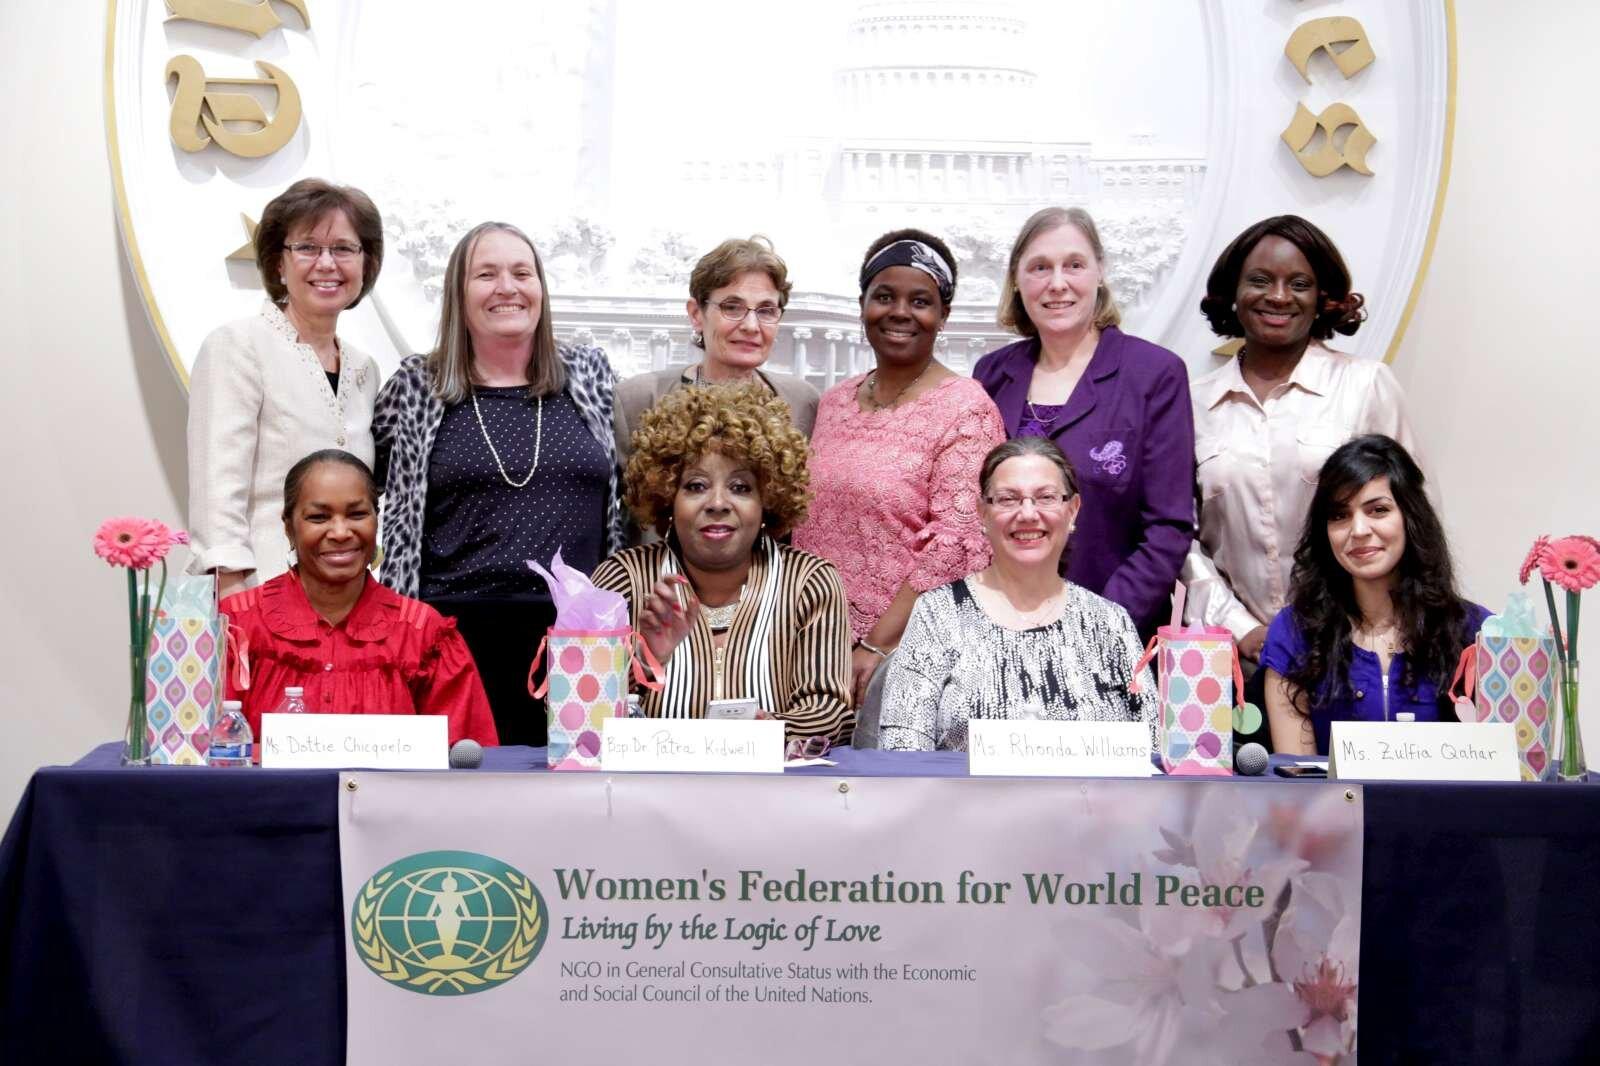 Panelists, chairwomen, emcee and Angelika Selle